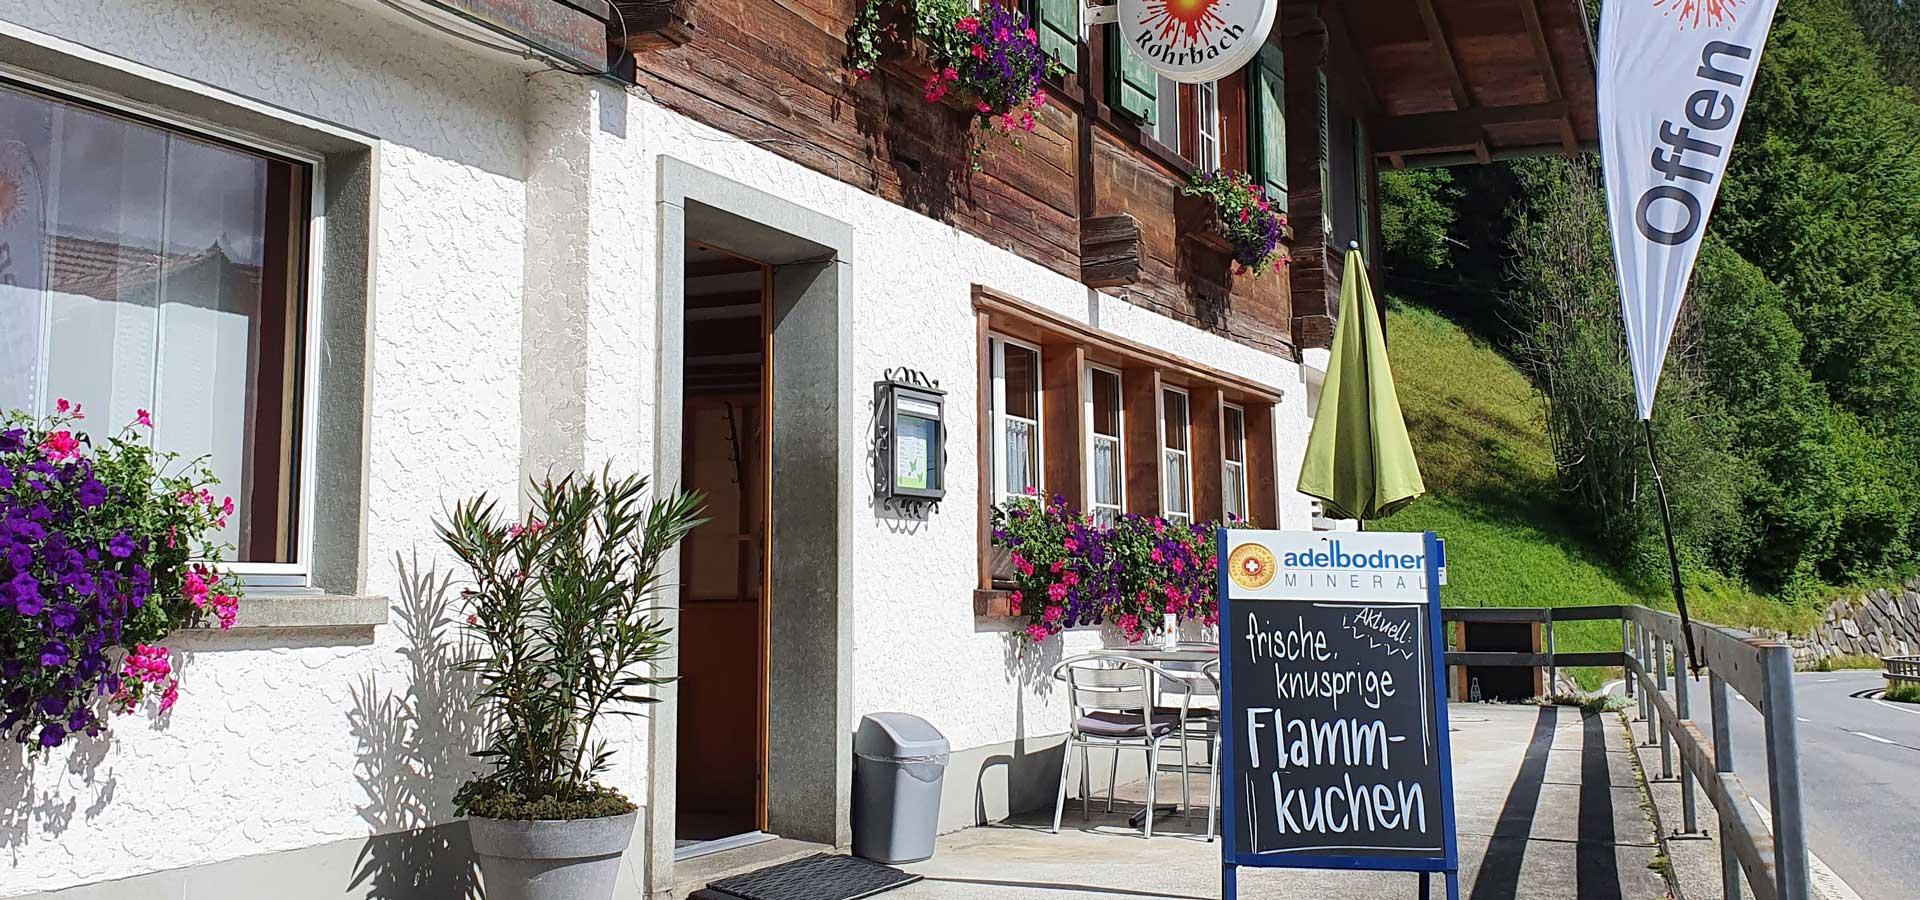 Aussenbereich Restaurant Rohrbach